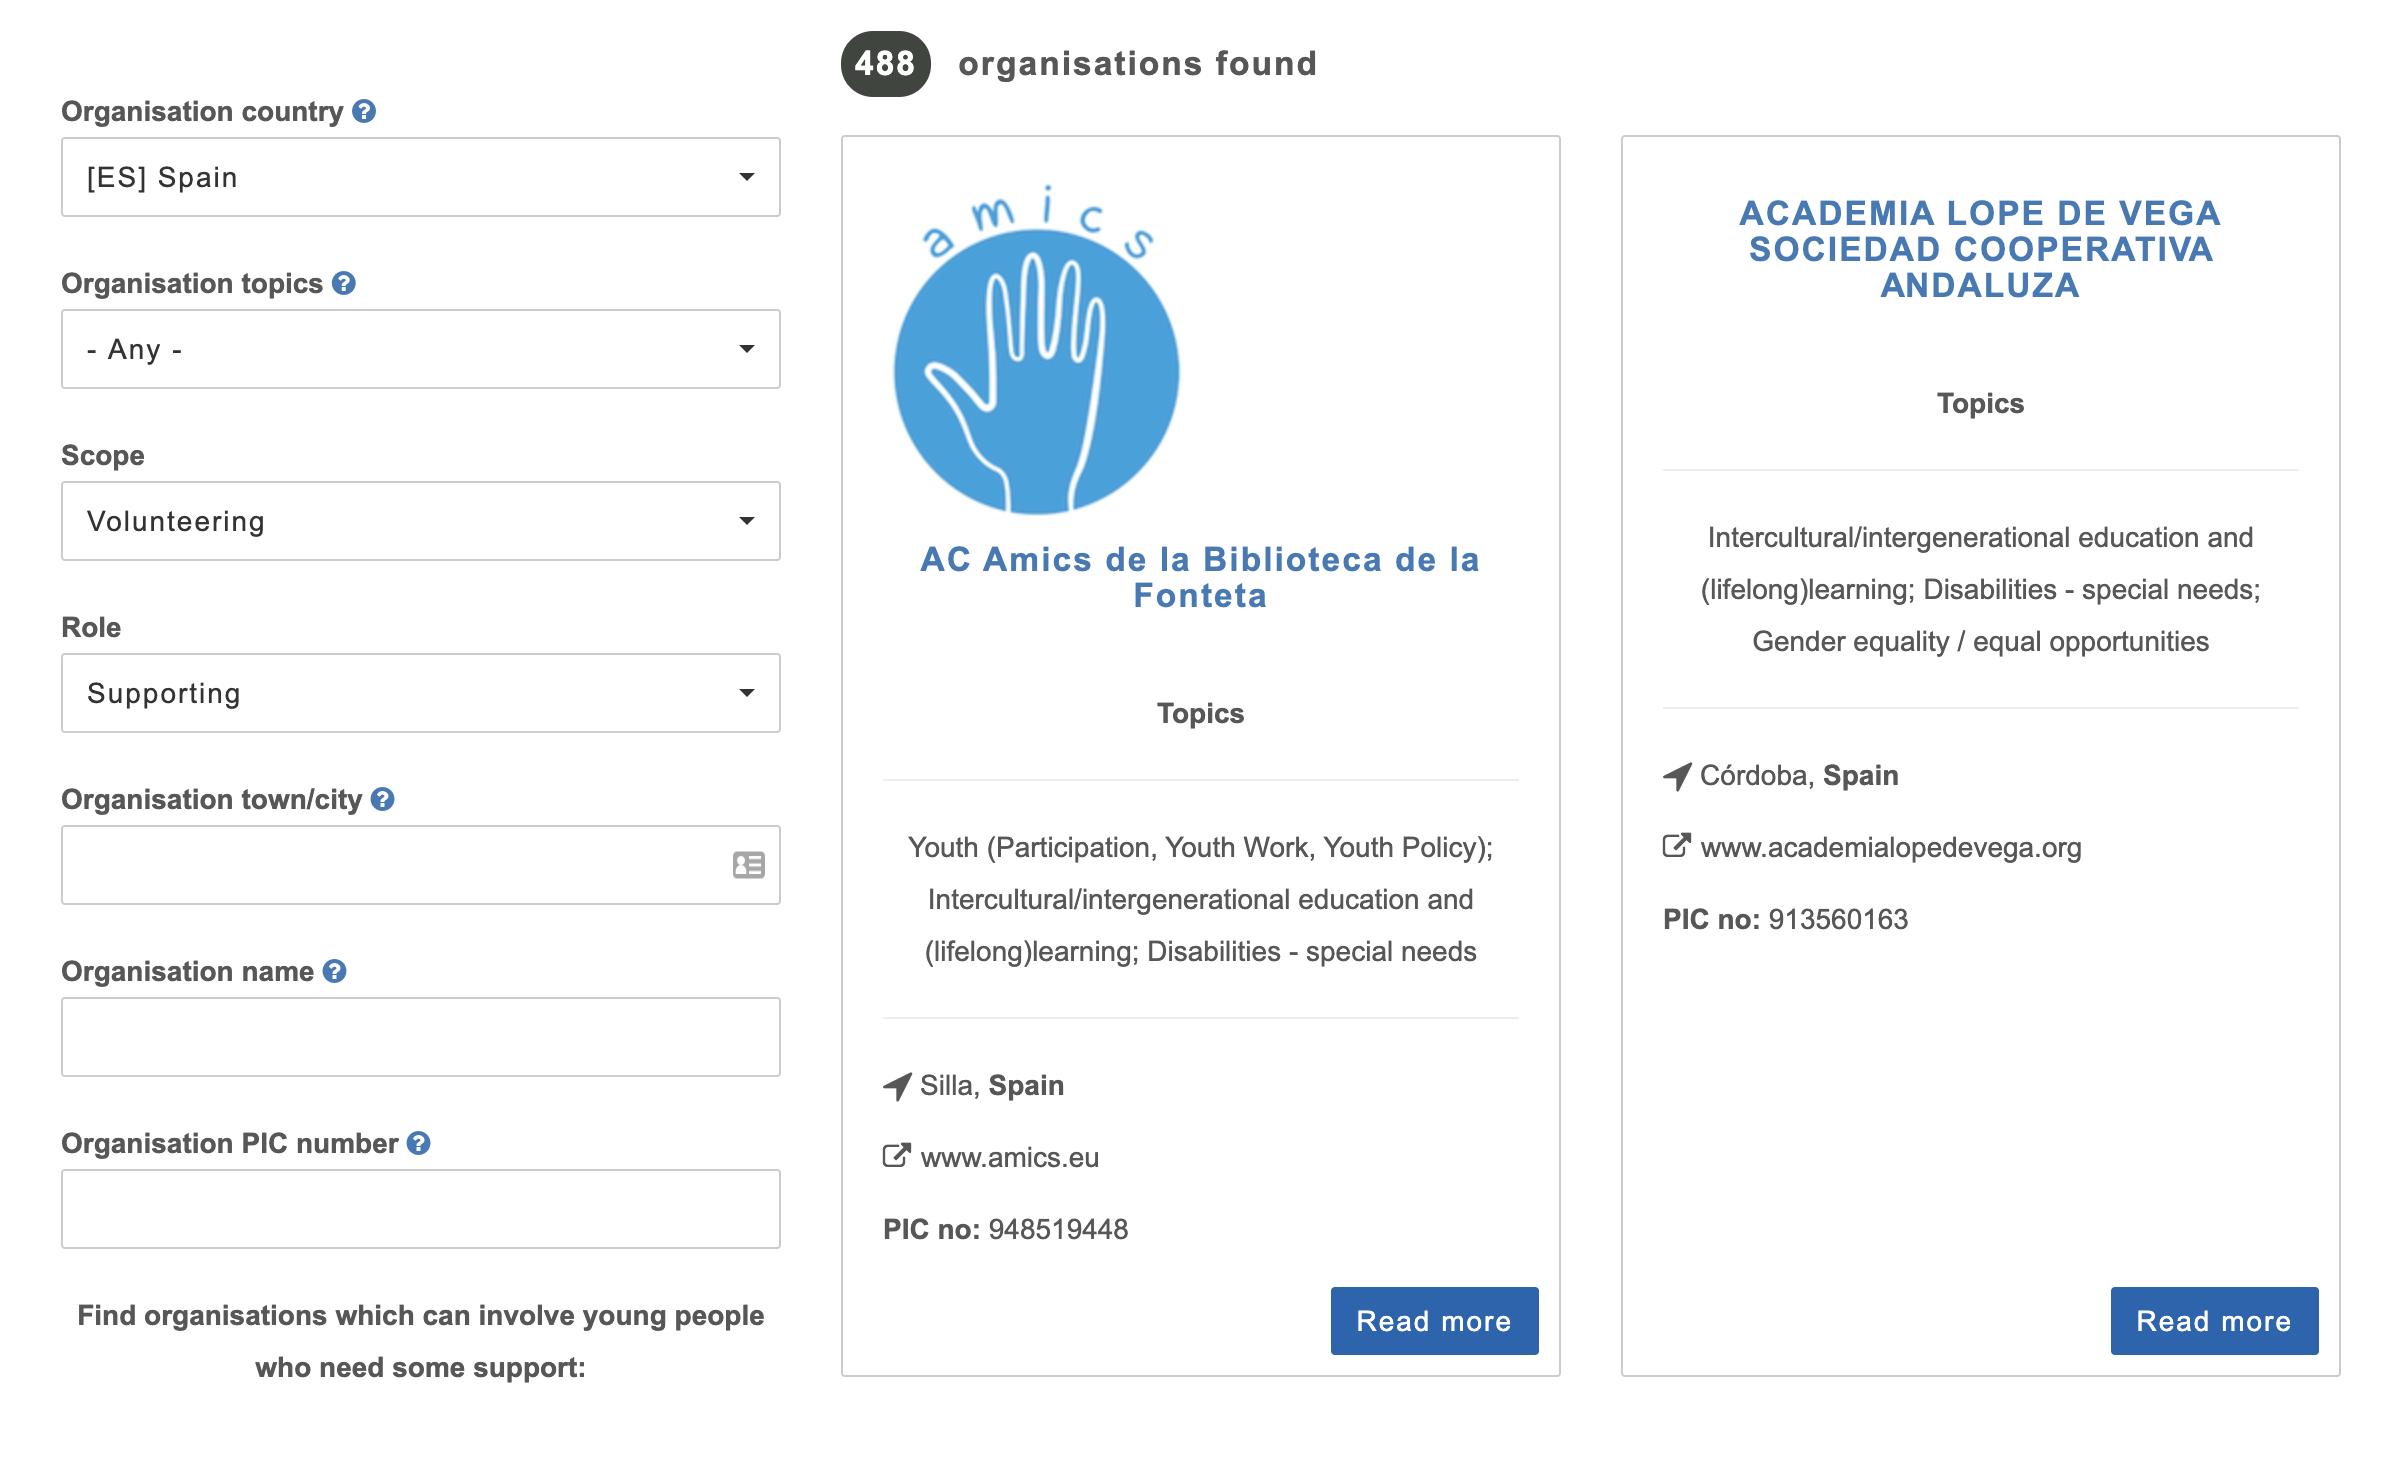 488 таких организаций можно найти в Испании